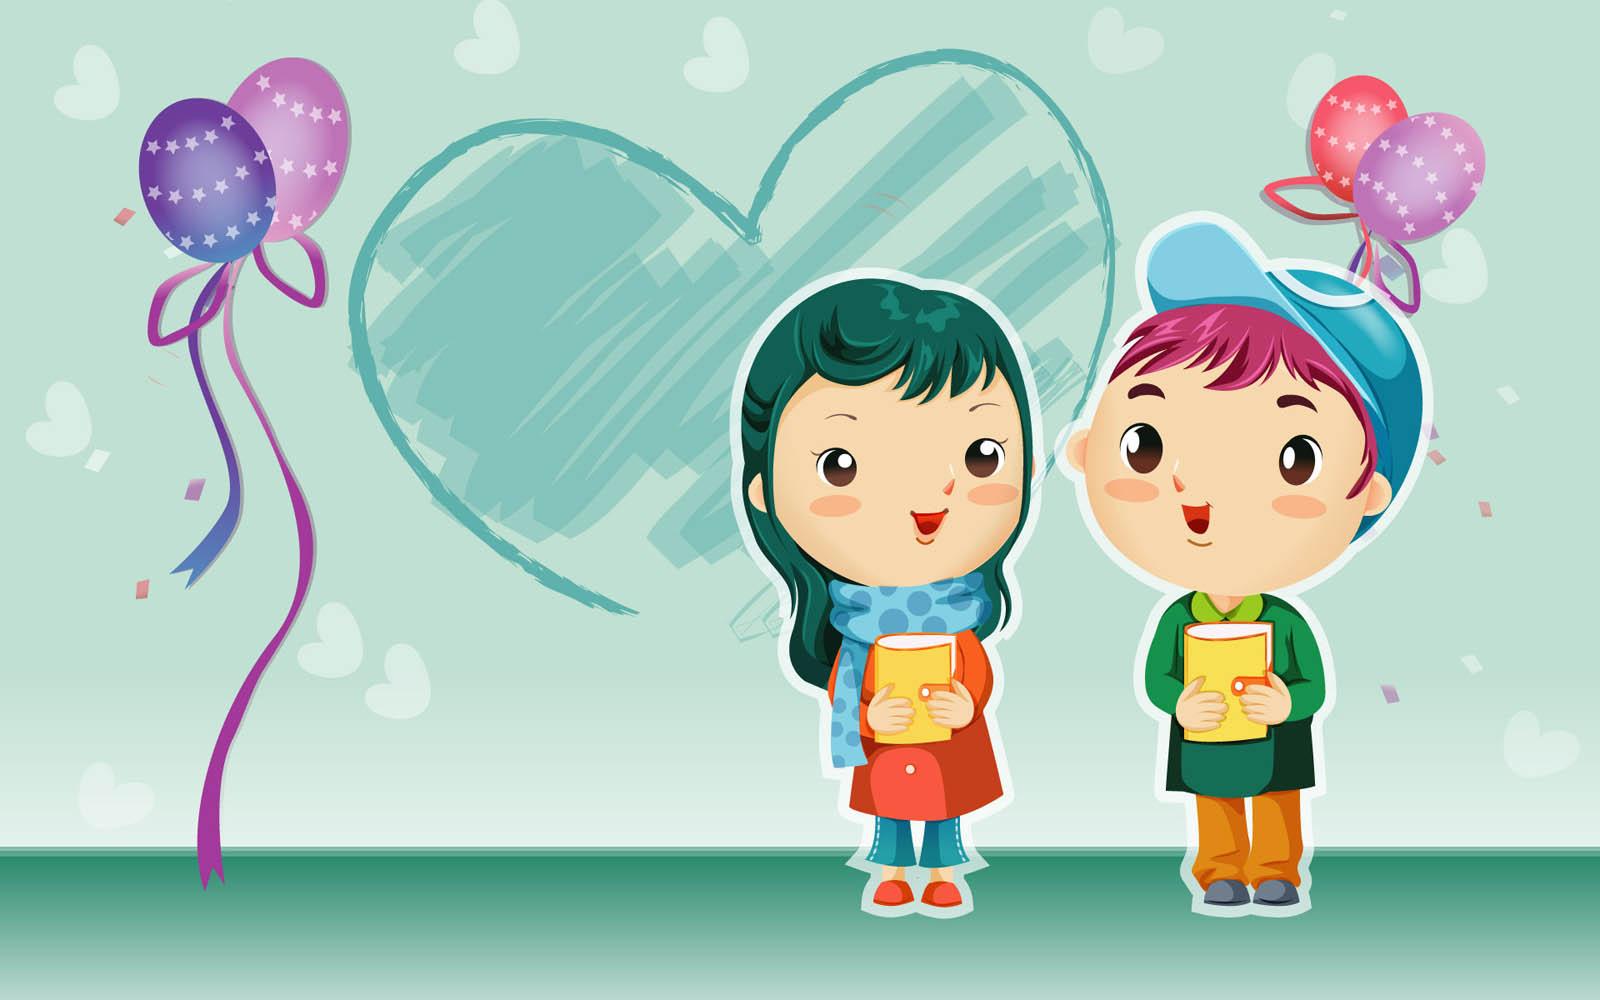 Gambar romantis lucu kartun